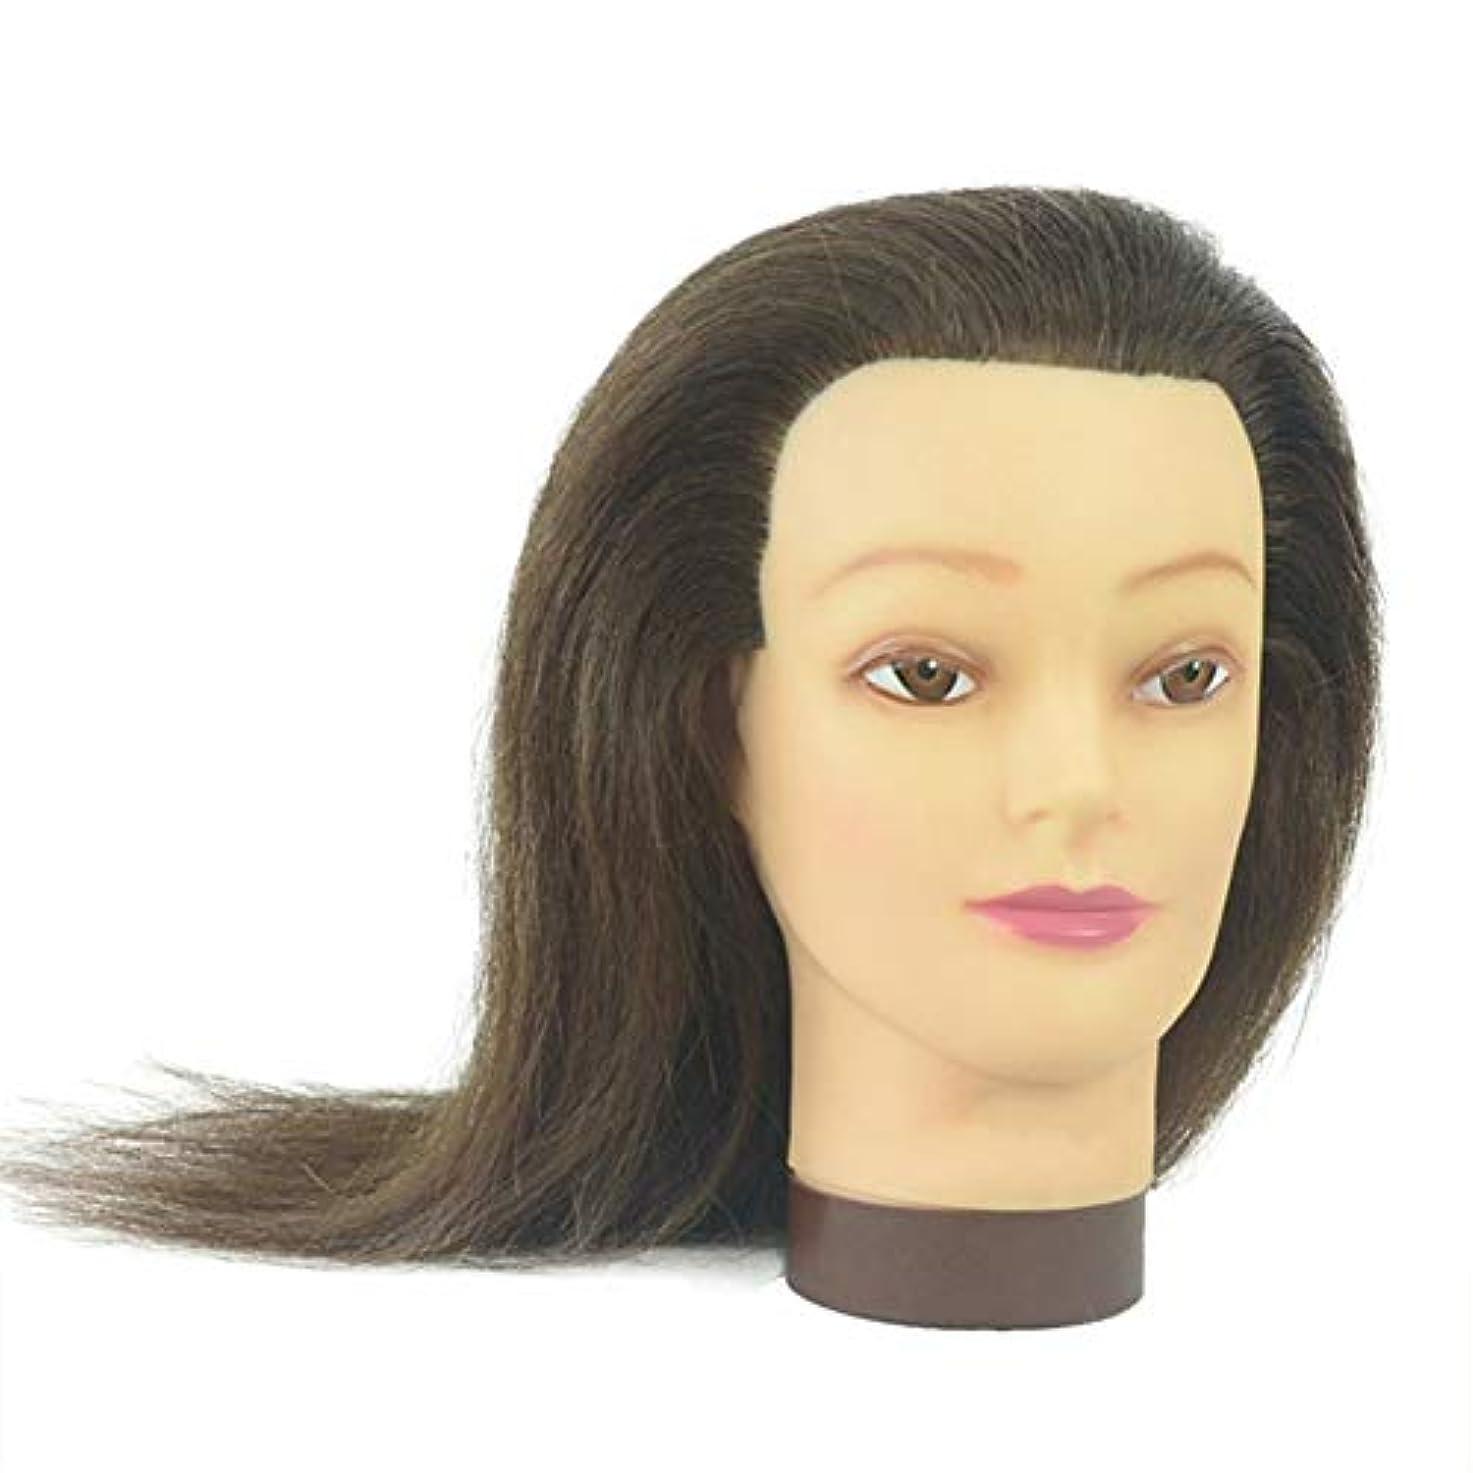 ブライダル化粧スタイリング練習ダミーヘッドホットロールブローウィッグヘッドモールドサロントリミング学習モデルヘッド